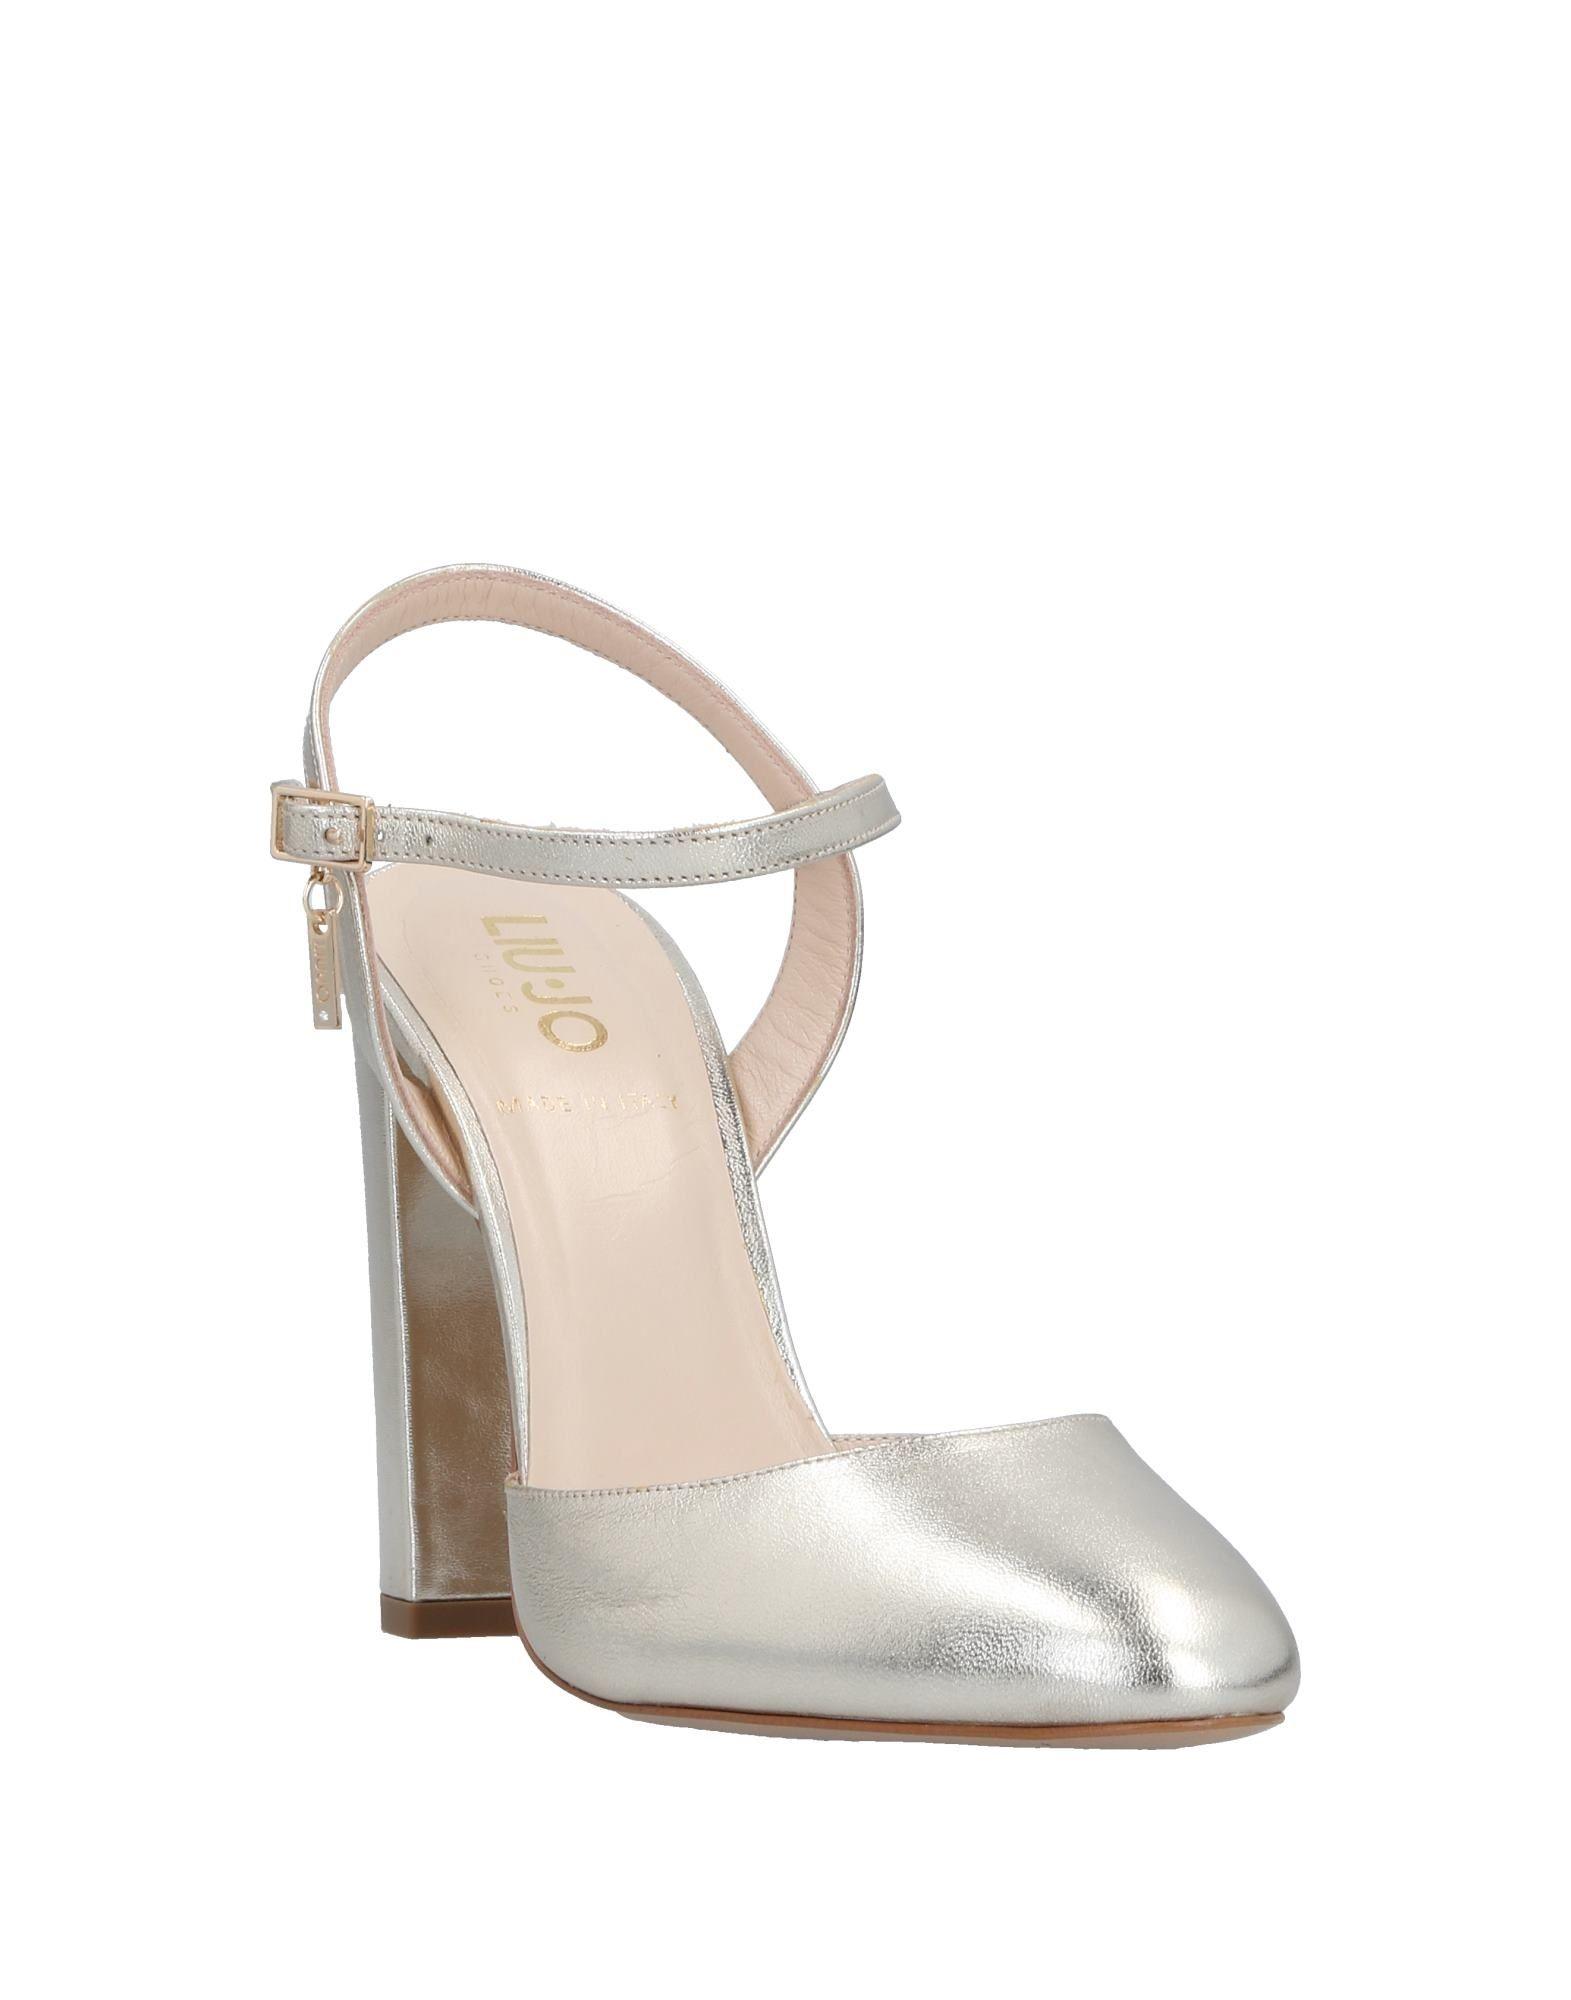 Liu •Jo Shoes Pumps Damen  11532073QK 11532073QK 11532073QK Gute Qualität beliebte Schuhe b20f86